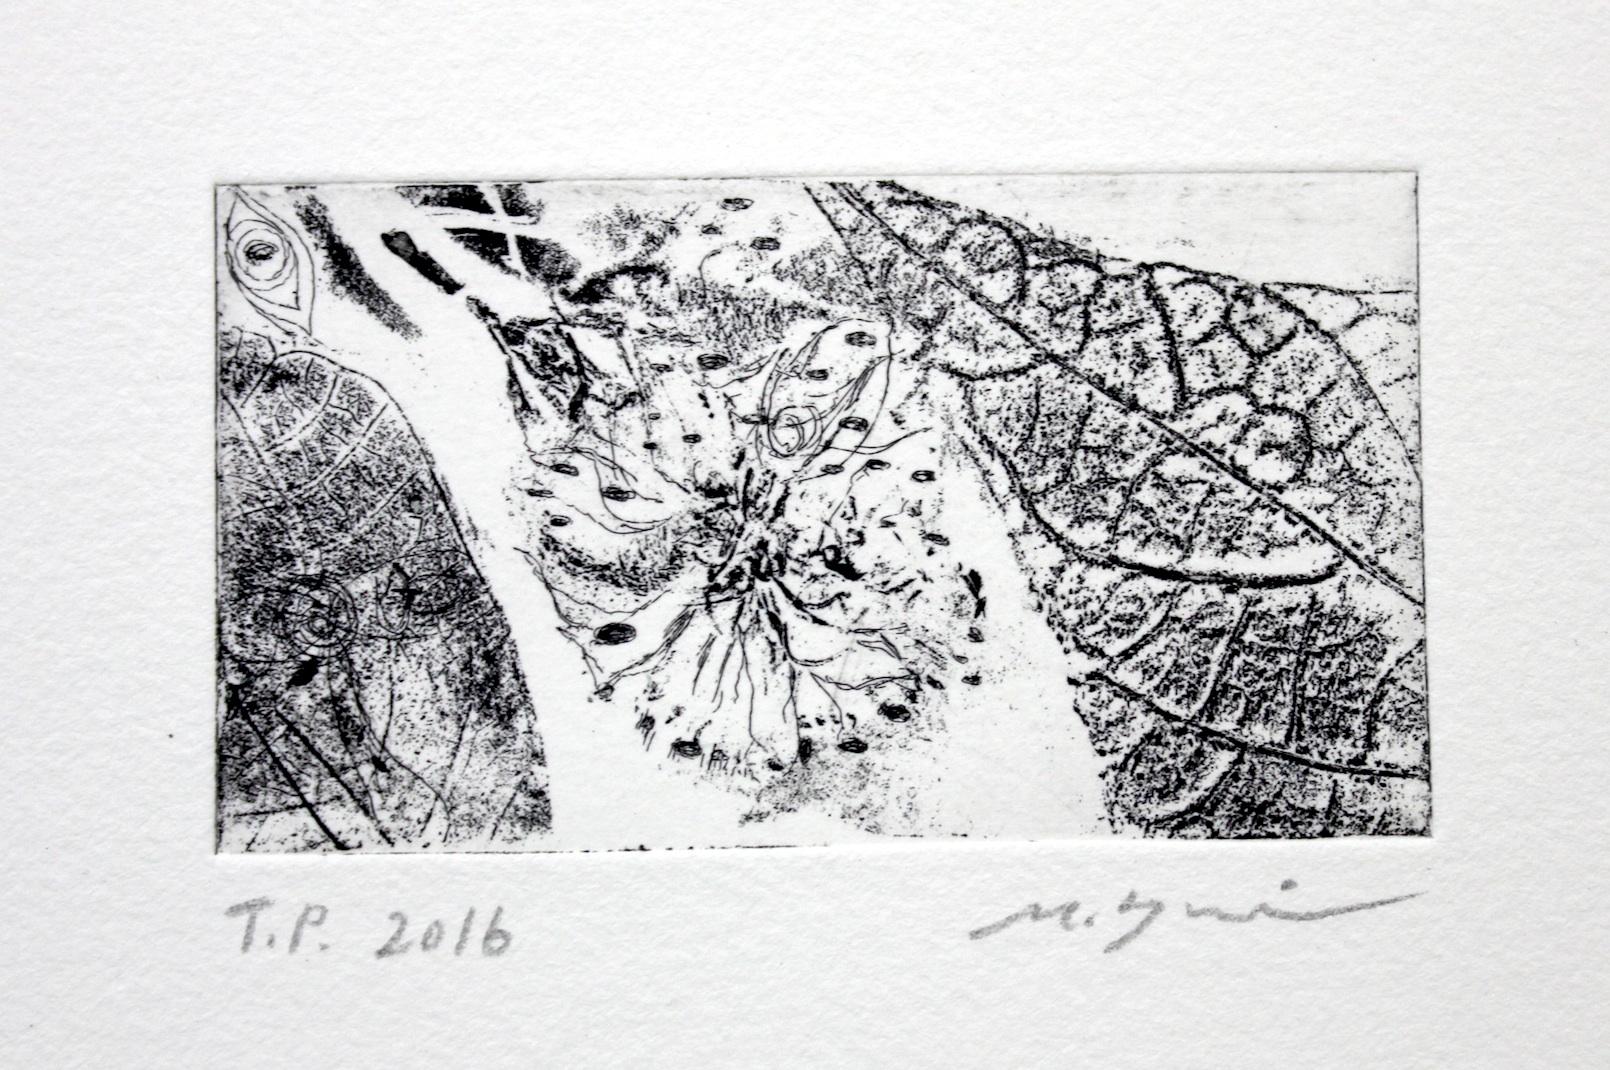 講師による銅版画技法ソフトグランドエッチング(植物の転写)を使った実験的作品